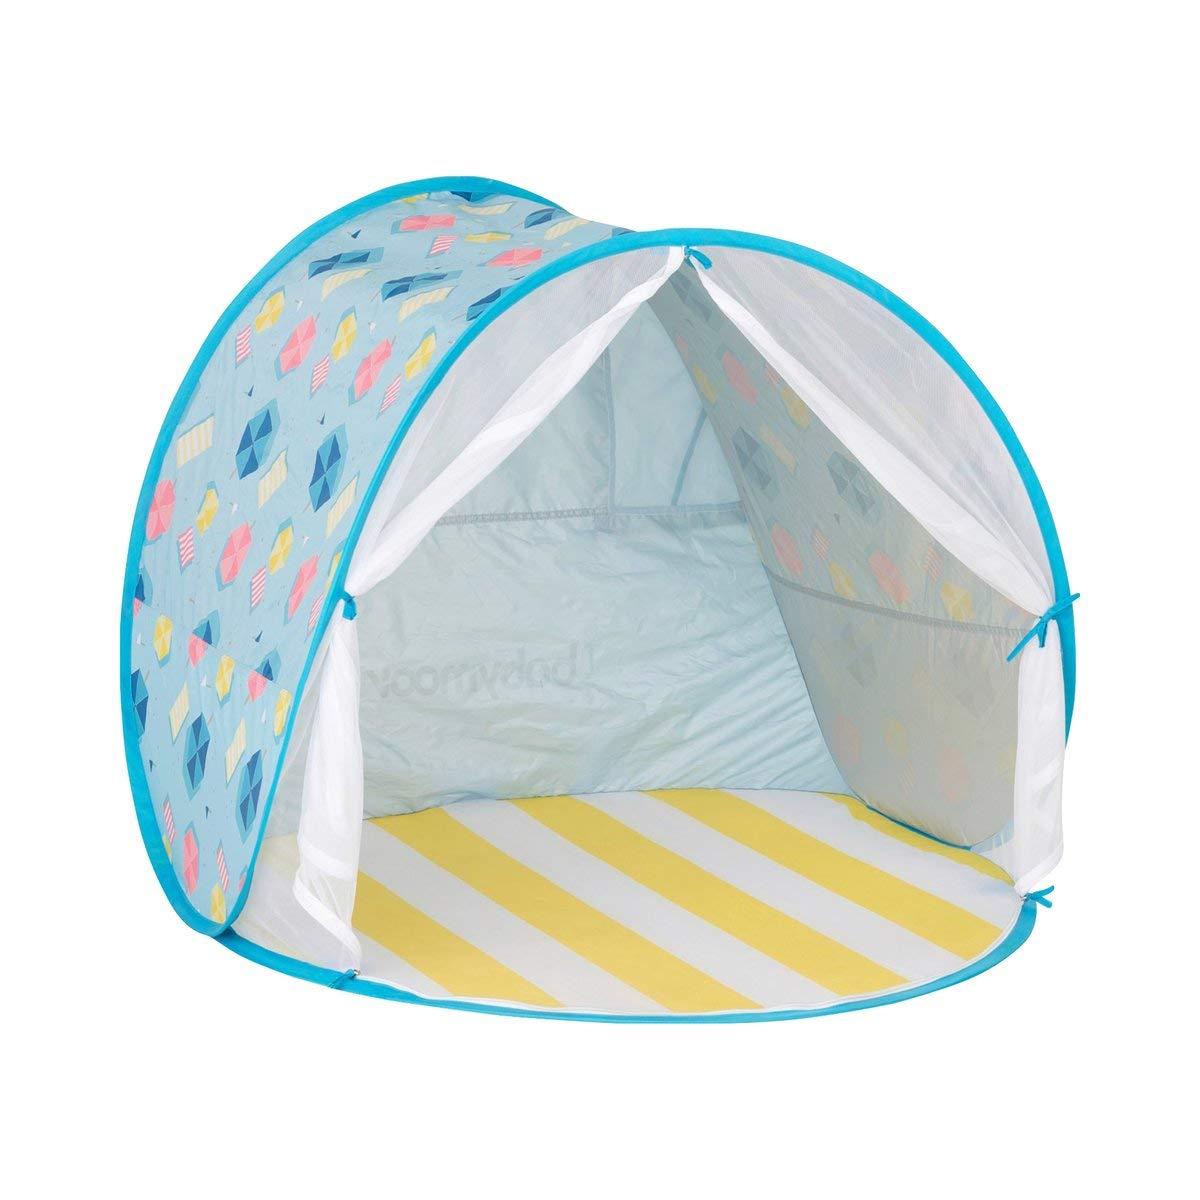 Babymoov Anti-UV UPF 50 Pop Up Tent